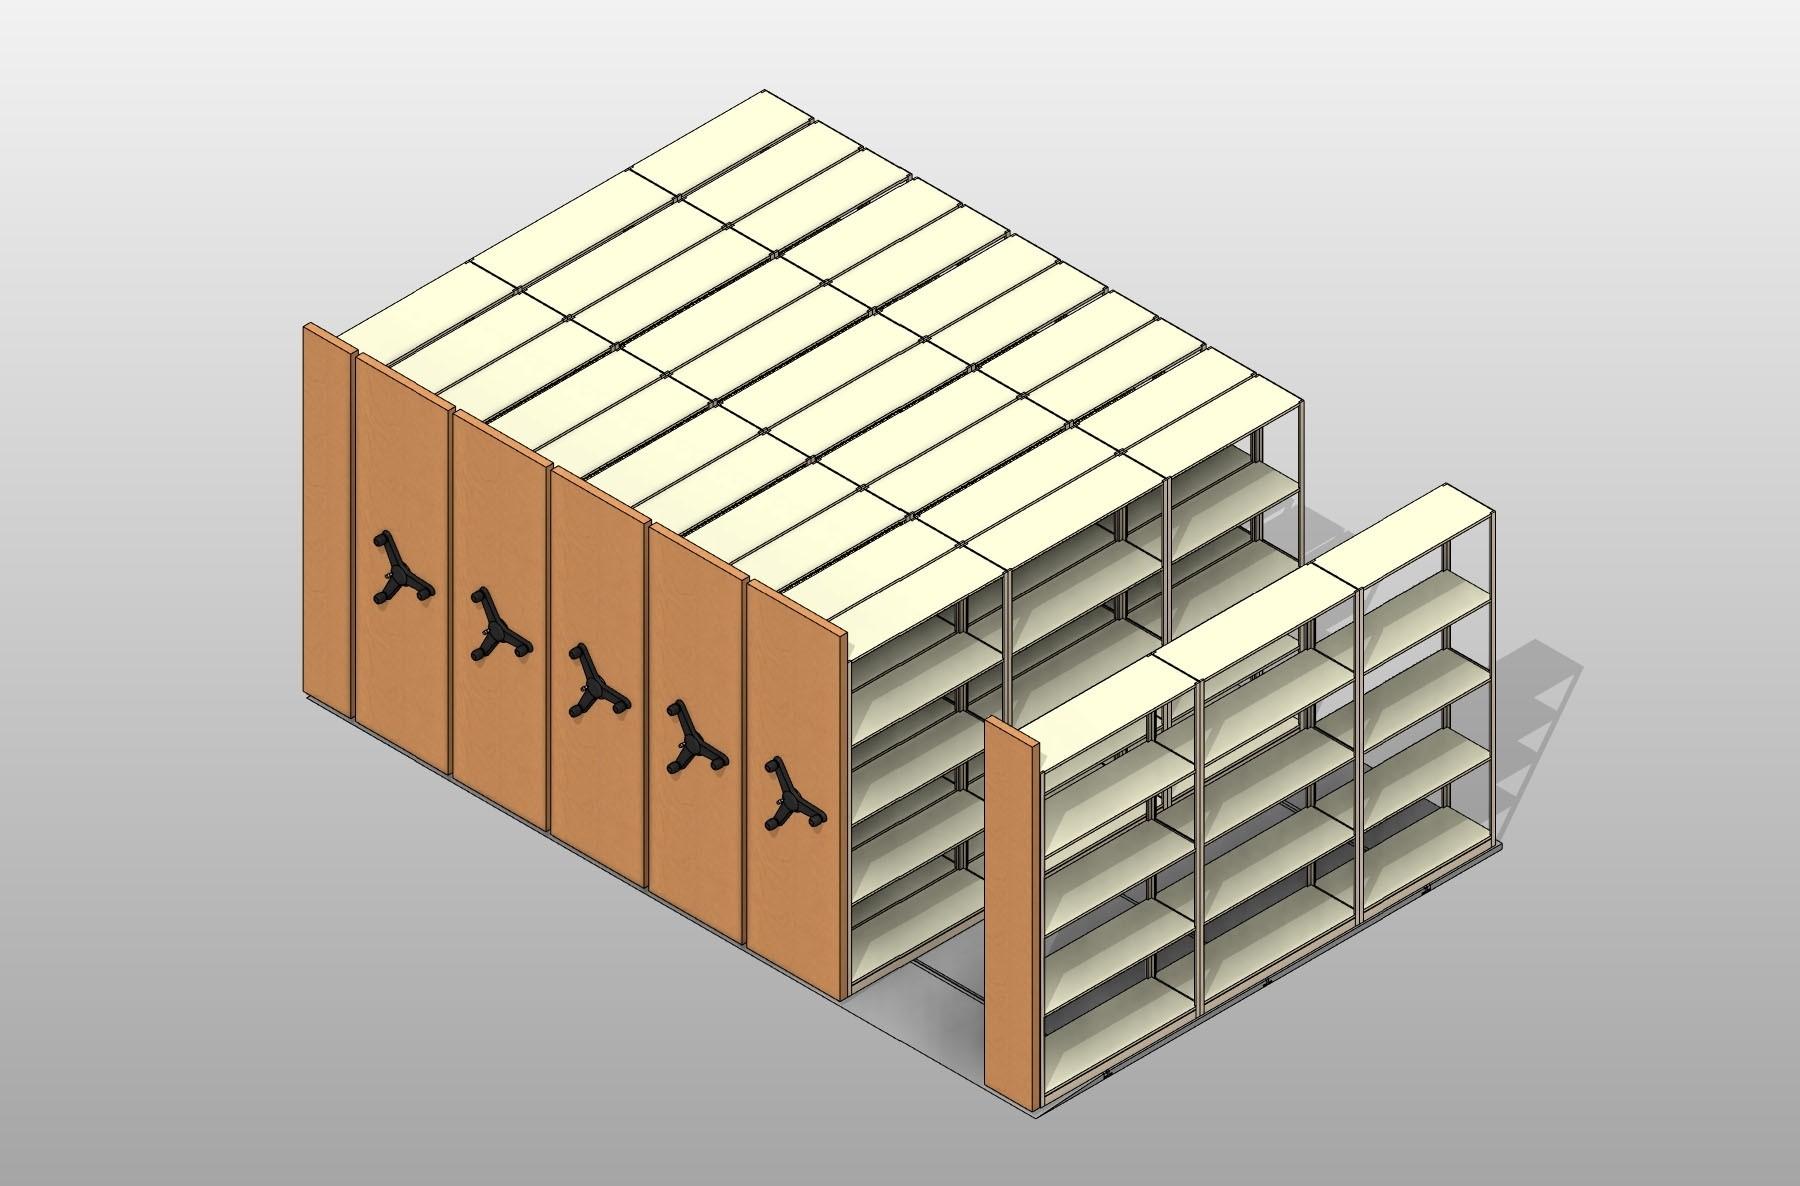 ssg-shelving-high-density-pcs-large